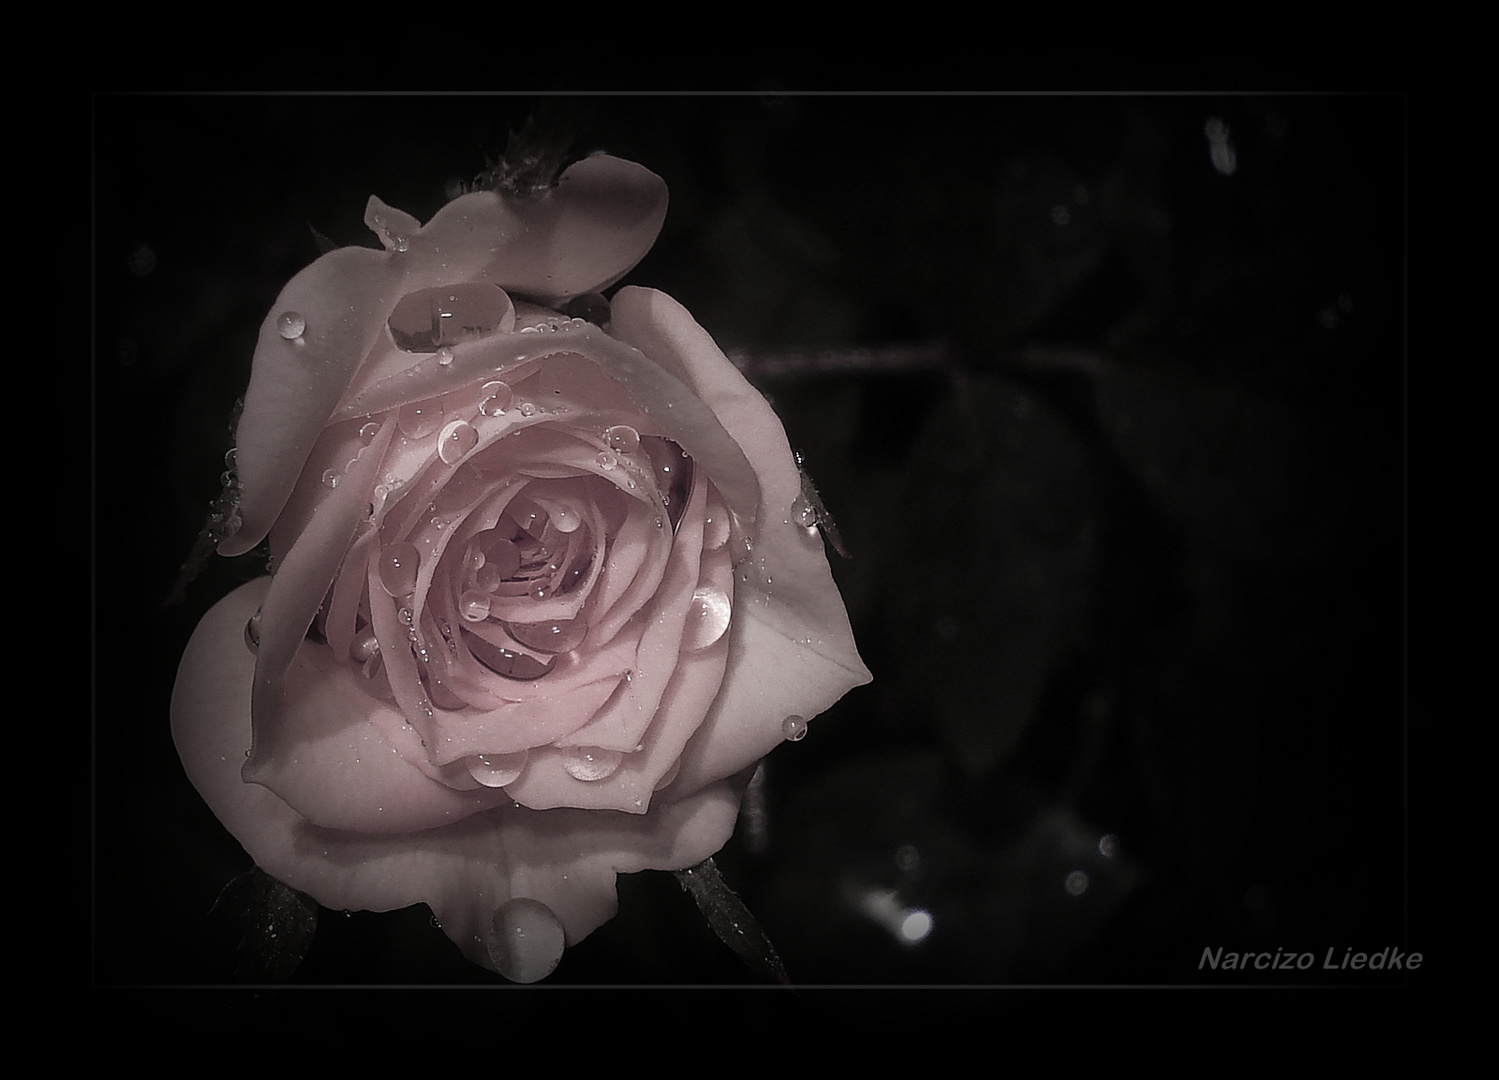 Rosa - Somente uma rosa